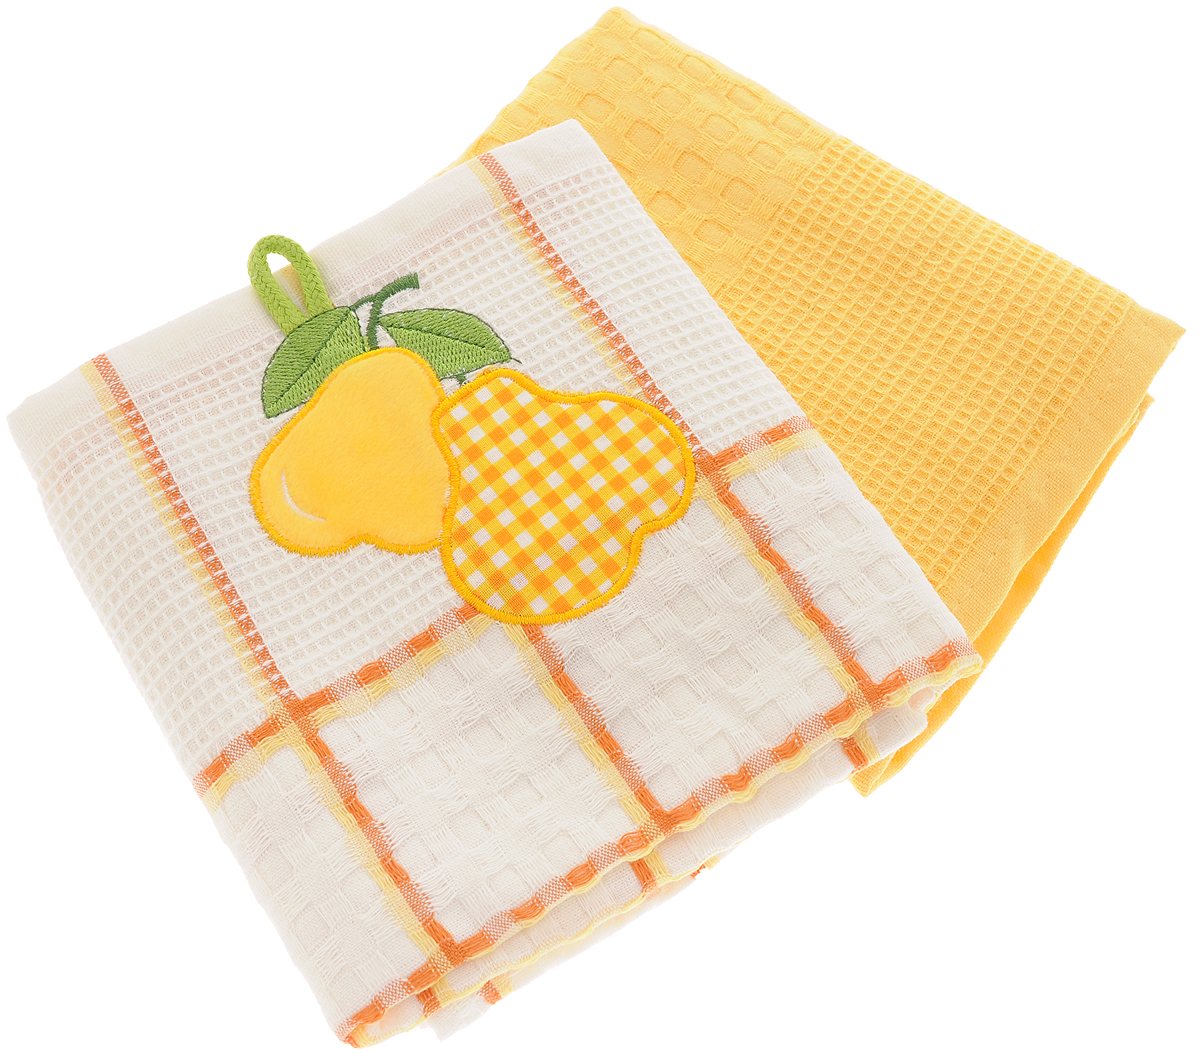 """Набор кухонных полотенец Bonita """"Груша"""" из двух полотенец, изготовленный из натурального хлопка, идеально дополнит интерьер вашей кухни и создаст атмосферу уюта и комфорта. Одно полотенце белого цвета в желтую клетку оформлено вышивкой в виде груш и оснащено петелькой. Другое полотенце однотонное желтого цвета без вышивки. Изделия выполнены из натурального материала, поэтому являются экологически чистыми. Высочайшее качество материала гарантирует безопасность не только взрослых, но и самых маленьких членов семьи. Современный декоративный текстиль для дома должен быть экологически чистым продуктом и отличаться ярким и современным дизайном."""